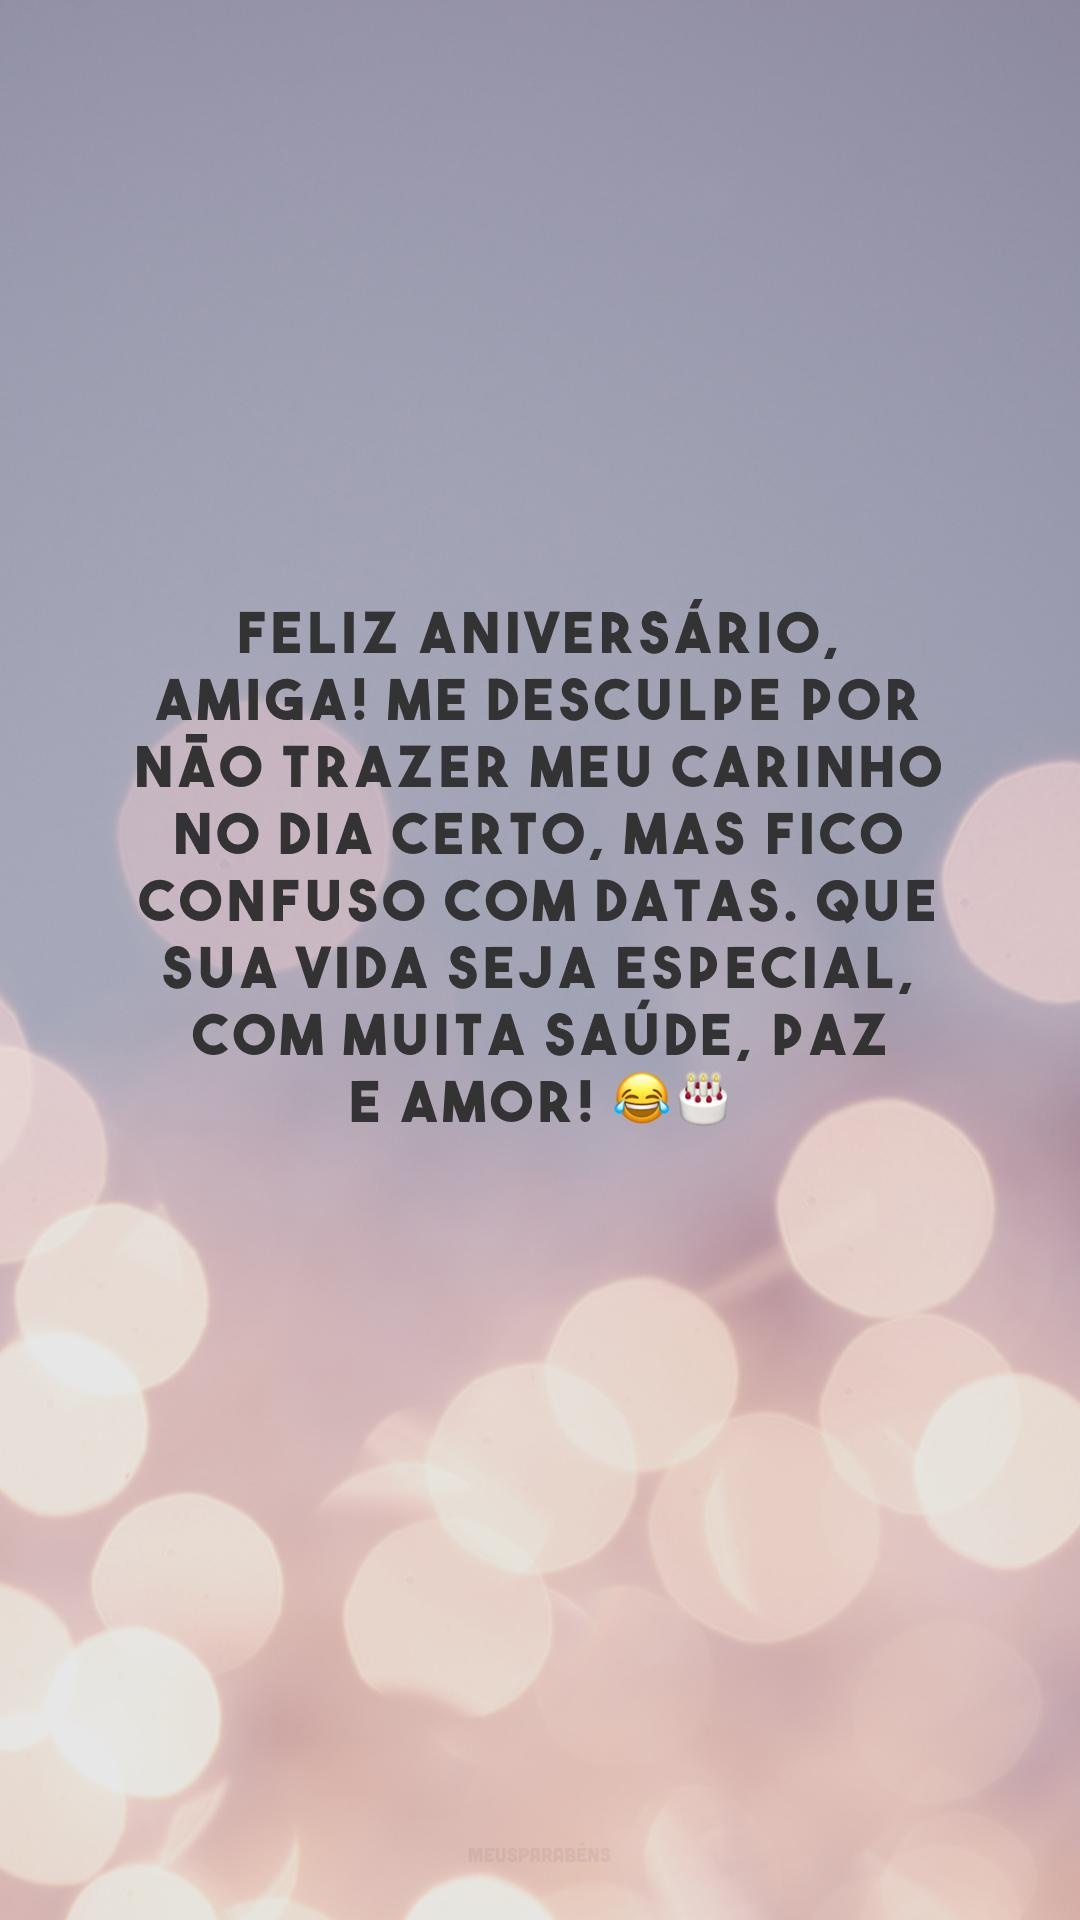 Feliz aniversário, amiga! Me desculpe por não trazer meu carinho no dia certo, mas fico confuso com datas. Que sua vida seja especial, com muita saúde, paz e amor! 😂🎂